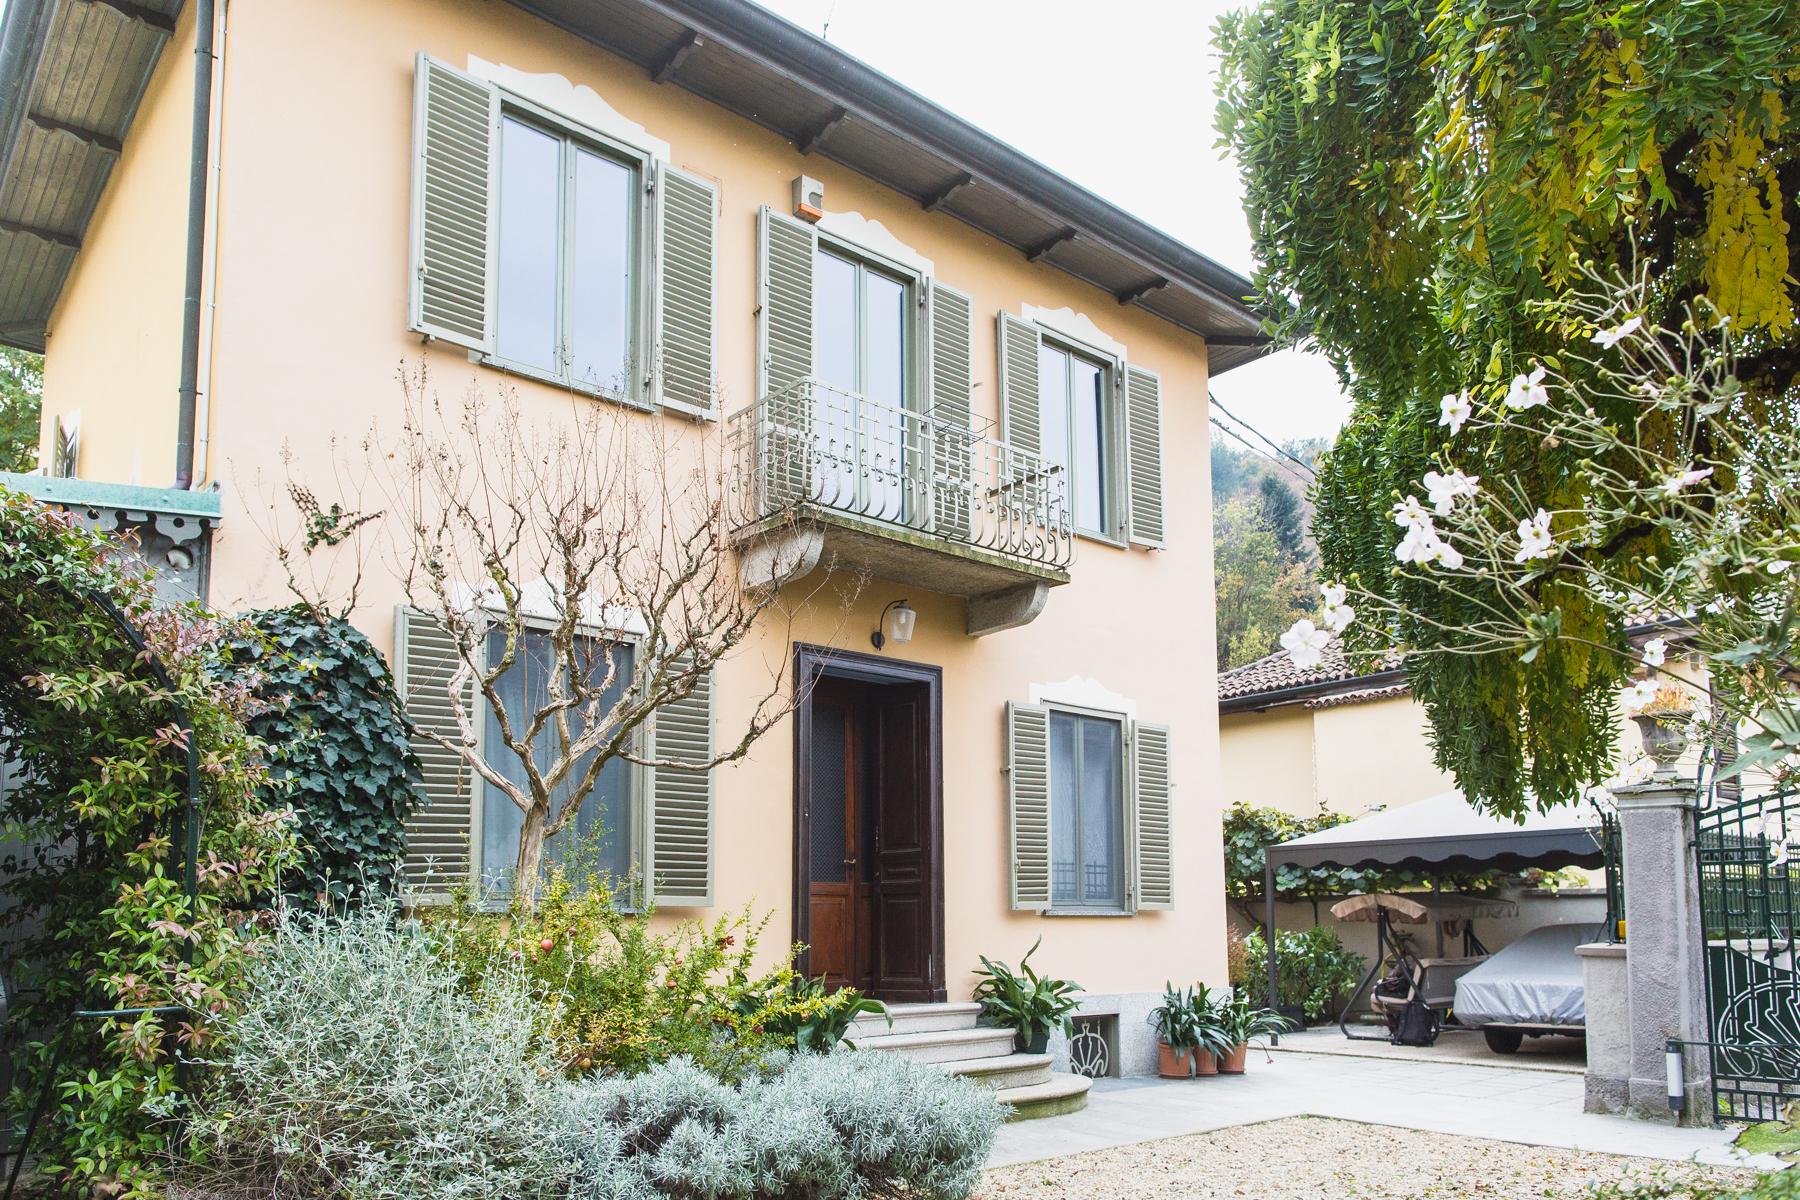 Villa in Vendita a Torino: 5 locali, 250 mq - Foto 2